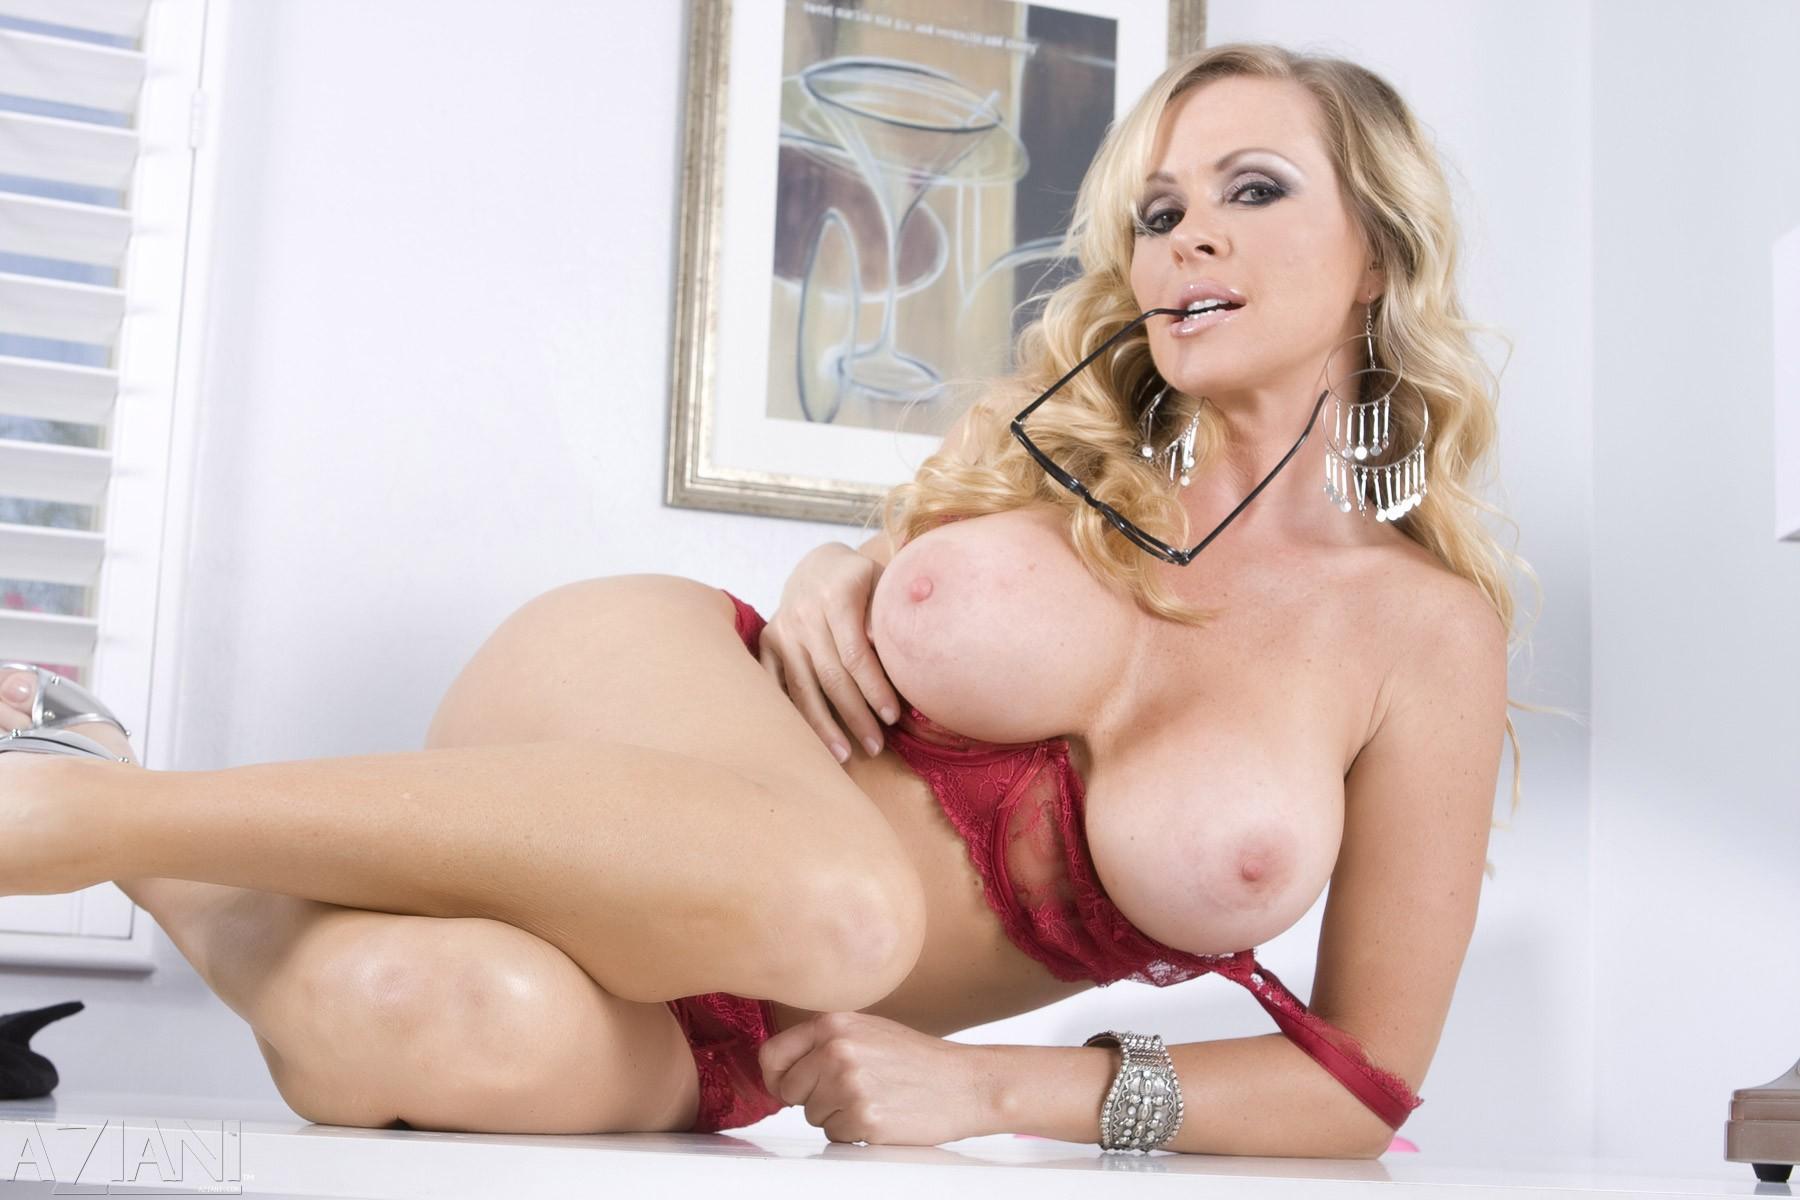 Порно актрисы со всего мира с фото фото 190-500